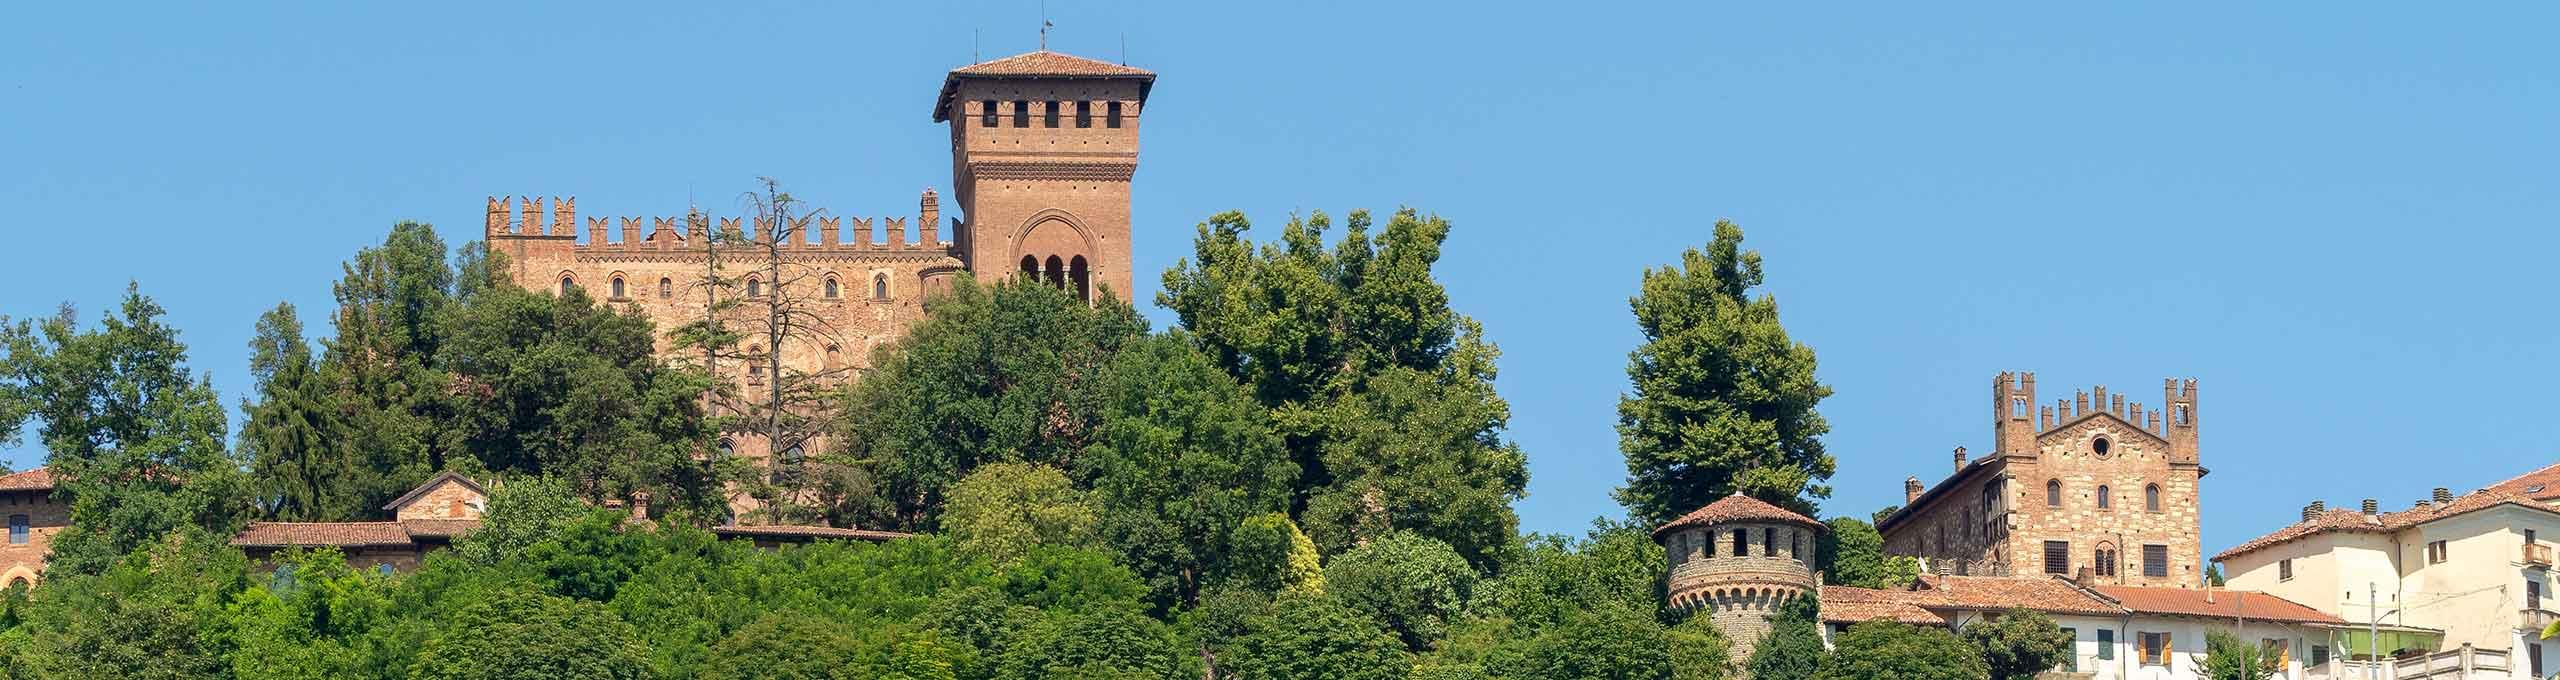 Gabiano, basso Monferrato, Castello di Gabiano